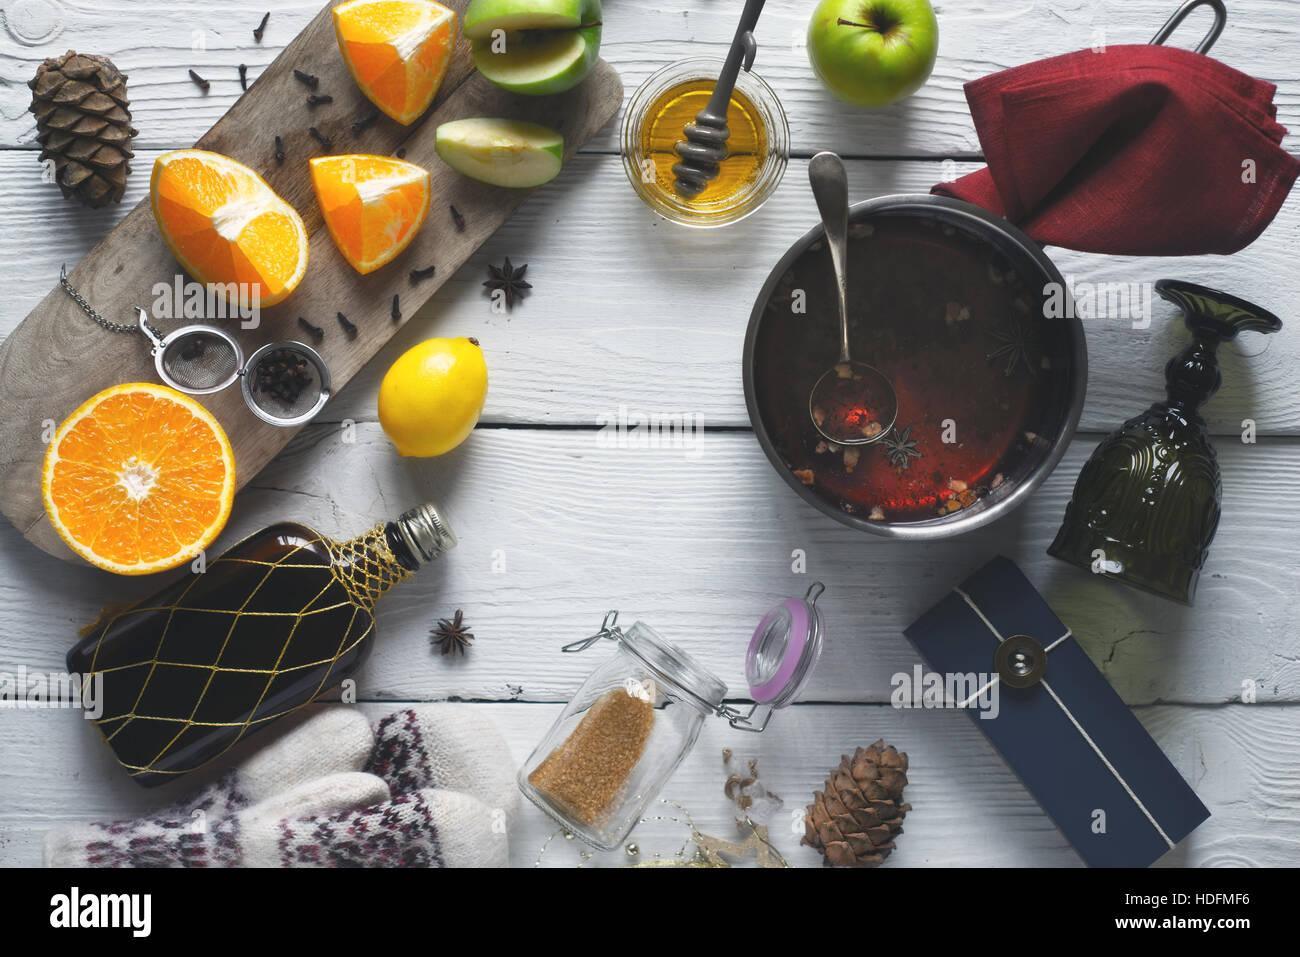 Zutaten für Glühwein auf der weißen hölzernen Tischplatte anzeigen Stockbild